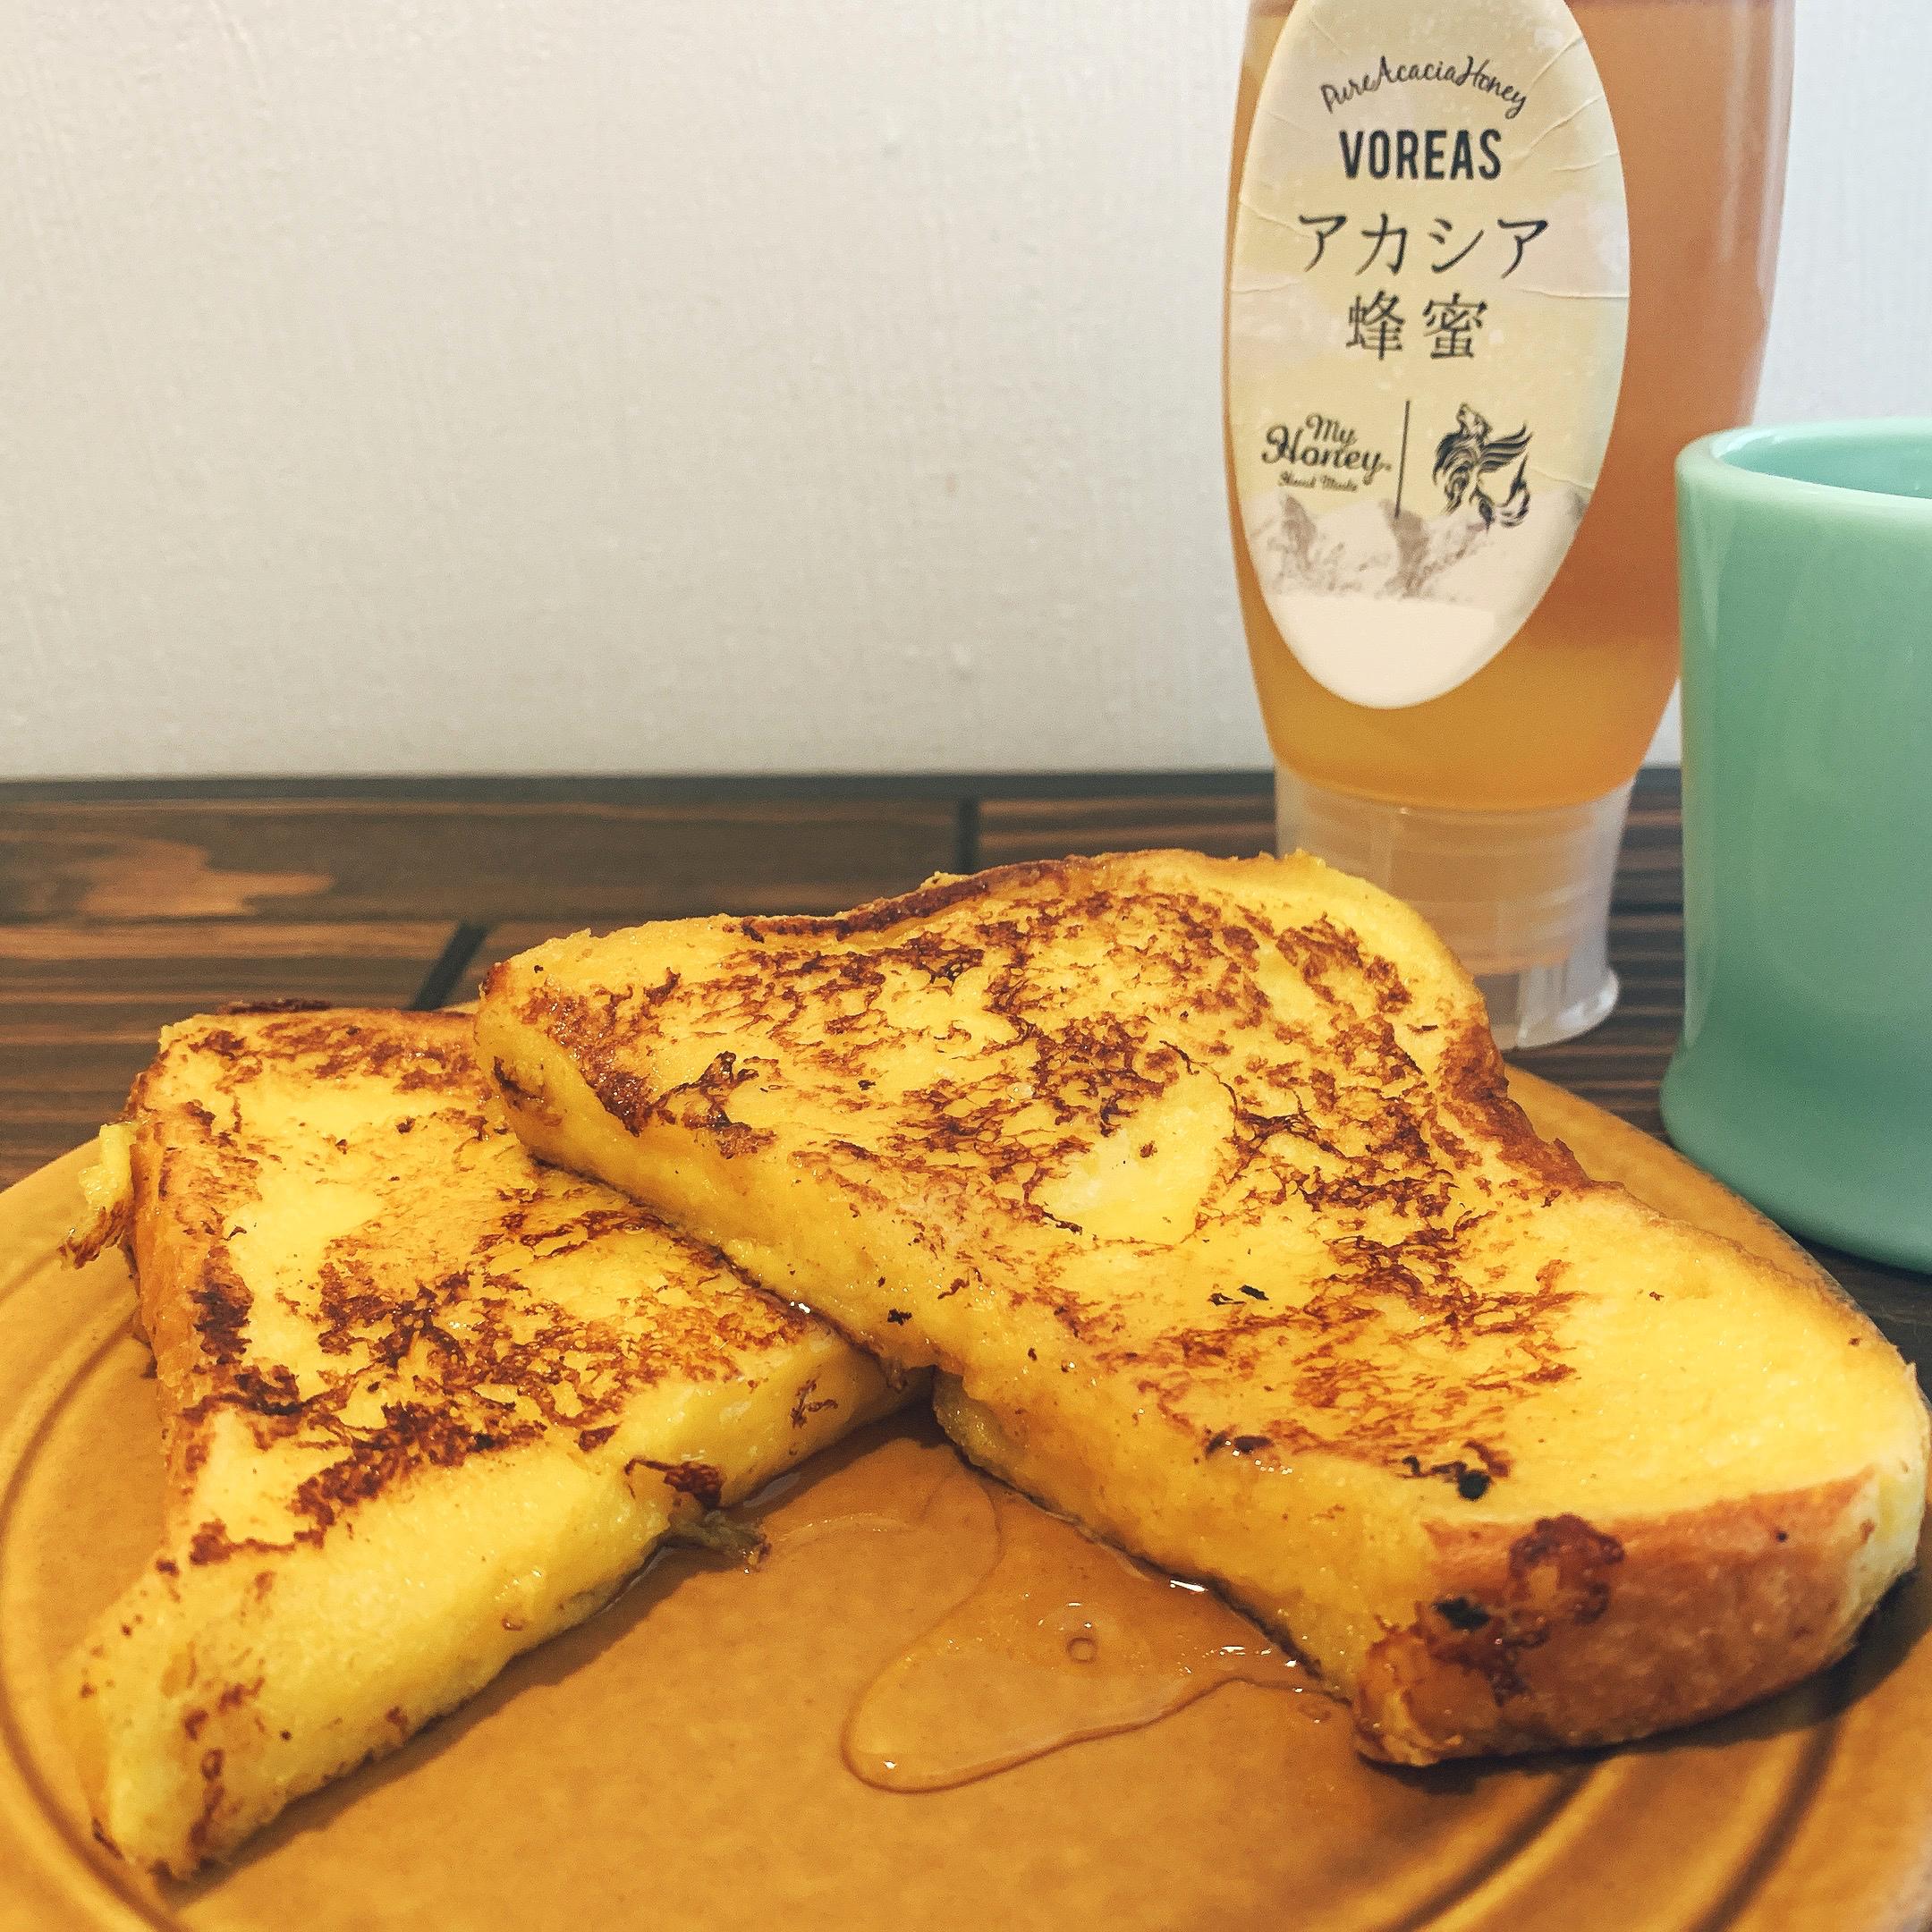 ハチミツのアレンジレシピ